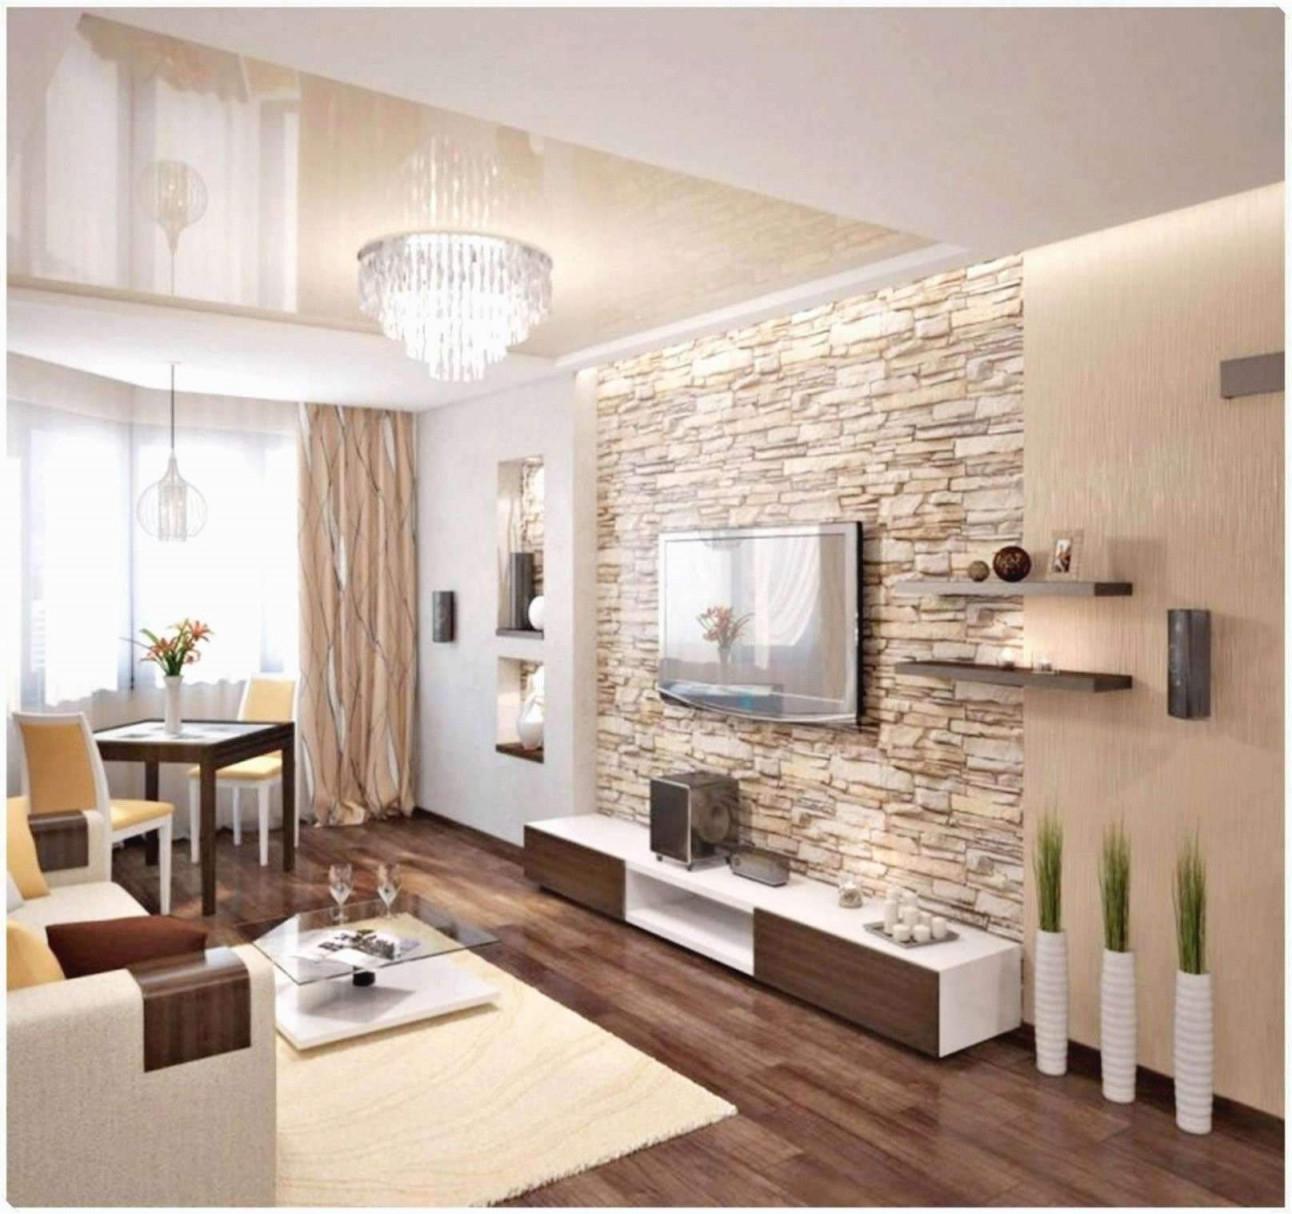 Wohnzimmer Einrichten Farben Das Beste Von 31 Neu Wohnzimmer von Farben Ideen Für Wohnzimmer Bild